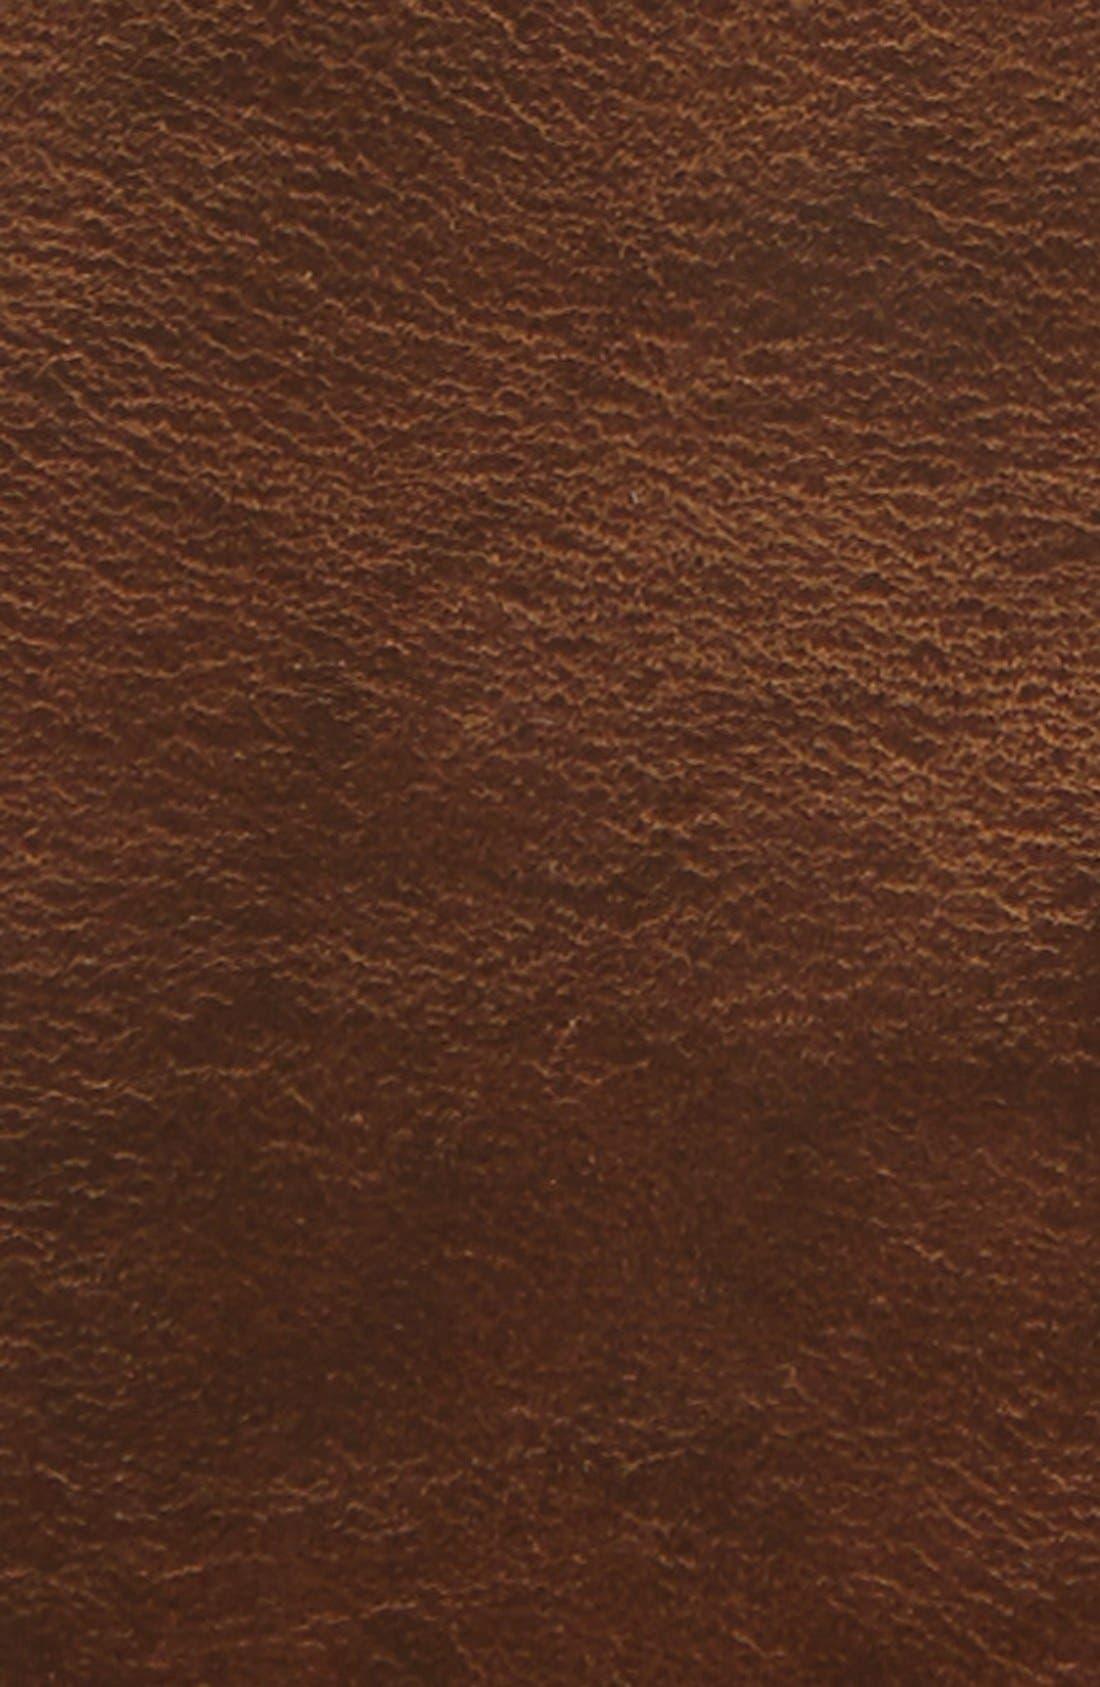 'Gunner' Leather Belt,                             Alternate thumbnail 2, color,                             NATURAL